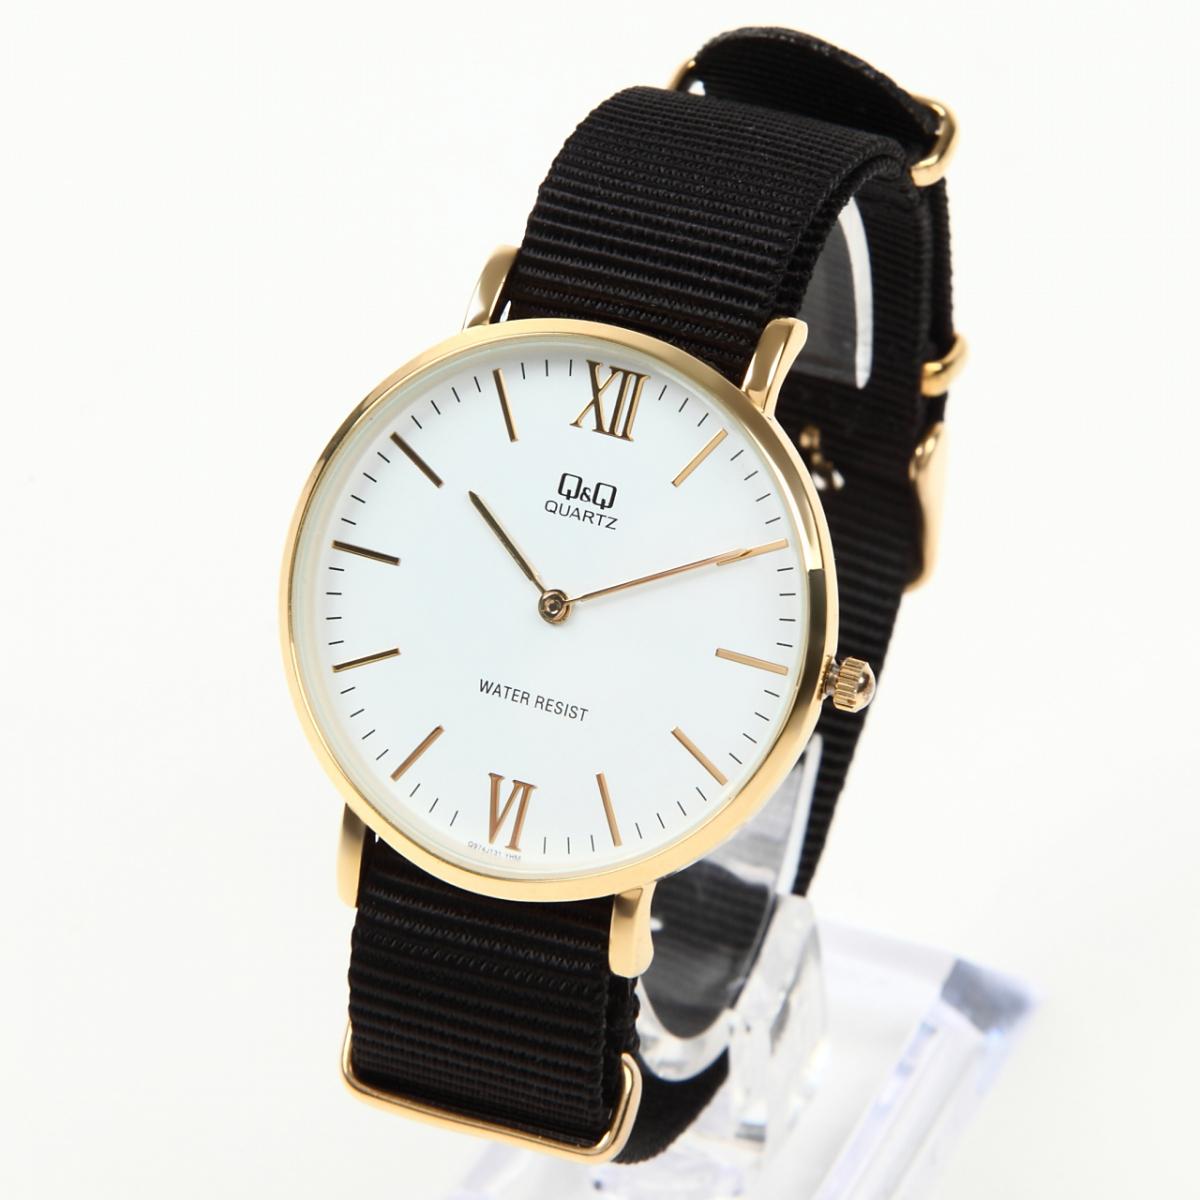 時計ベルト NATO ゴールドバックル ショートサイズ 18mm 3本セット 取付けマニュアル 腕時計バンドセット売り_画像2